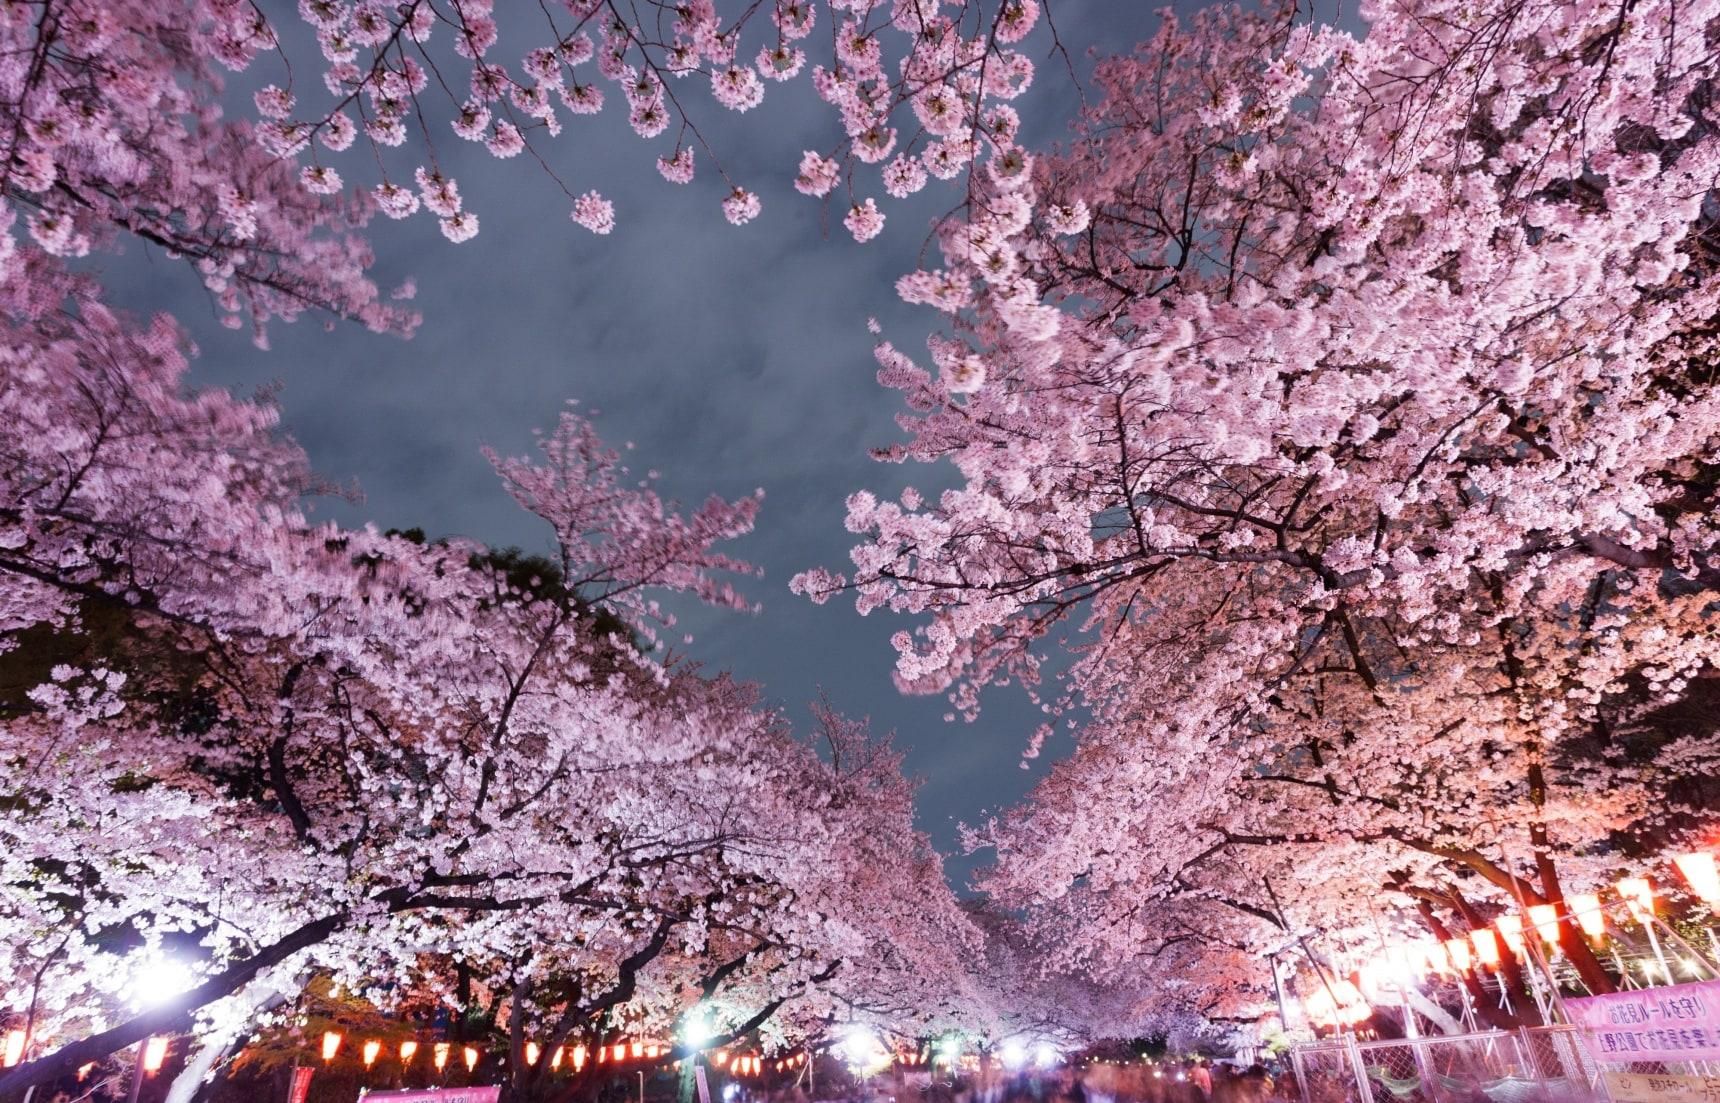 10 สวนสวยที่ชมดอกไม้และใบไม้แดงในกรุงโตเกียว